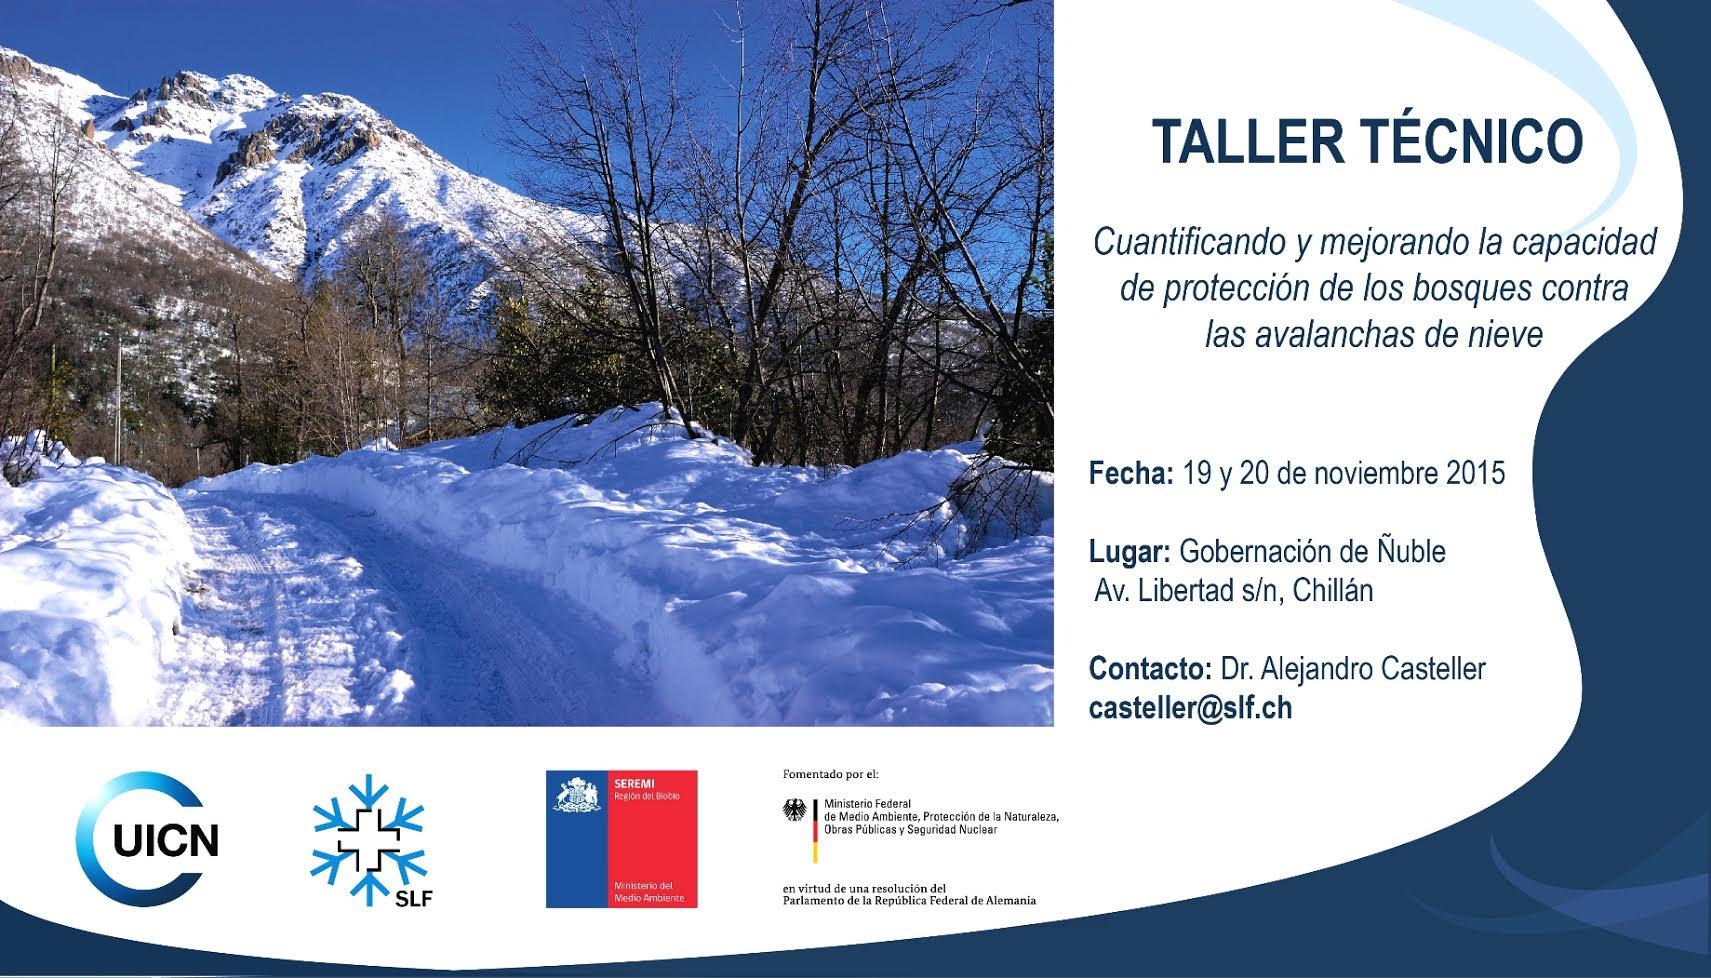 Taller Técnico: Protección de los bosques contra las avalanchas de nieve